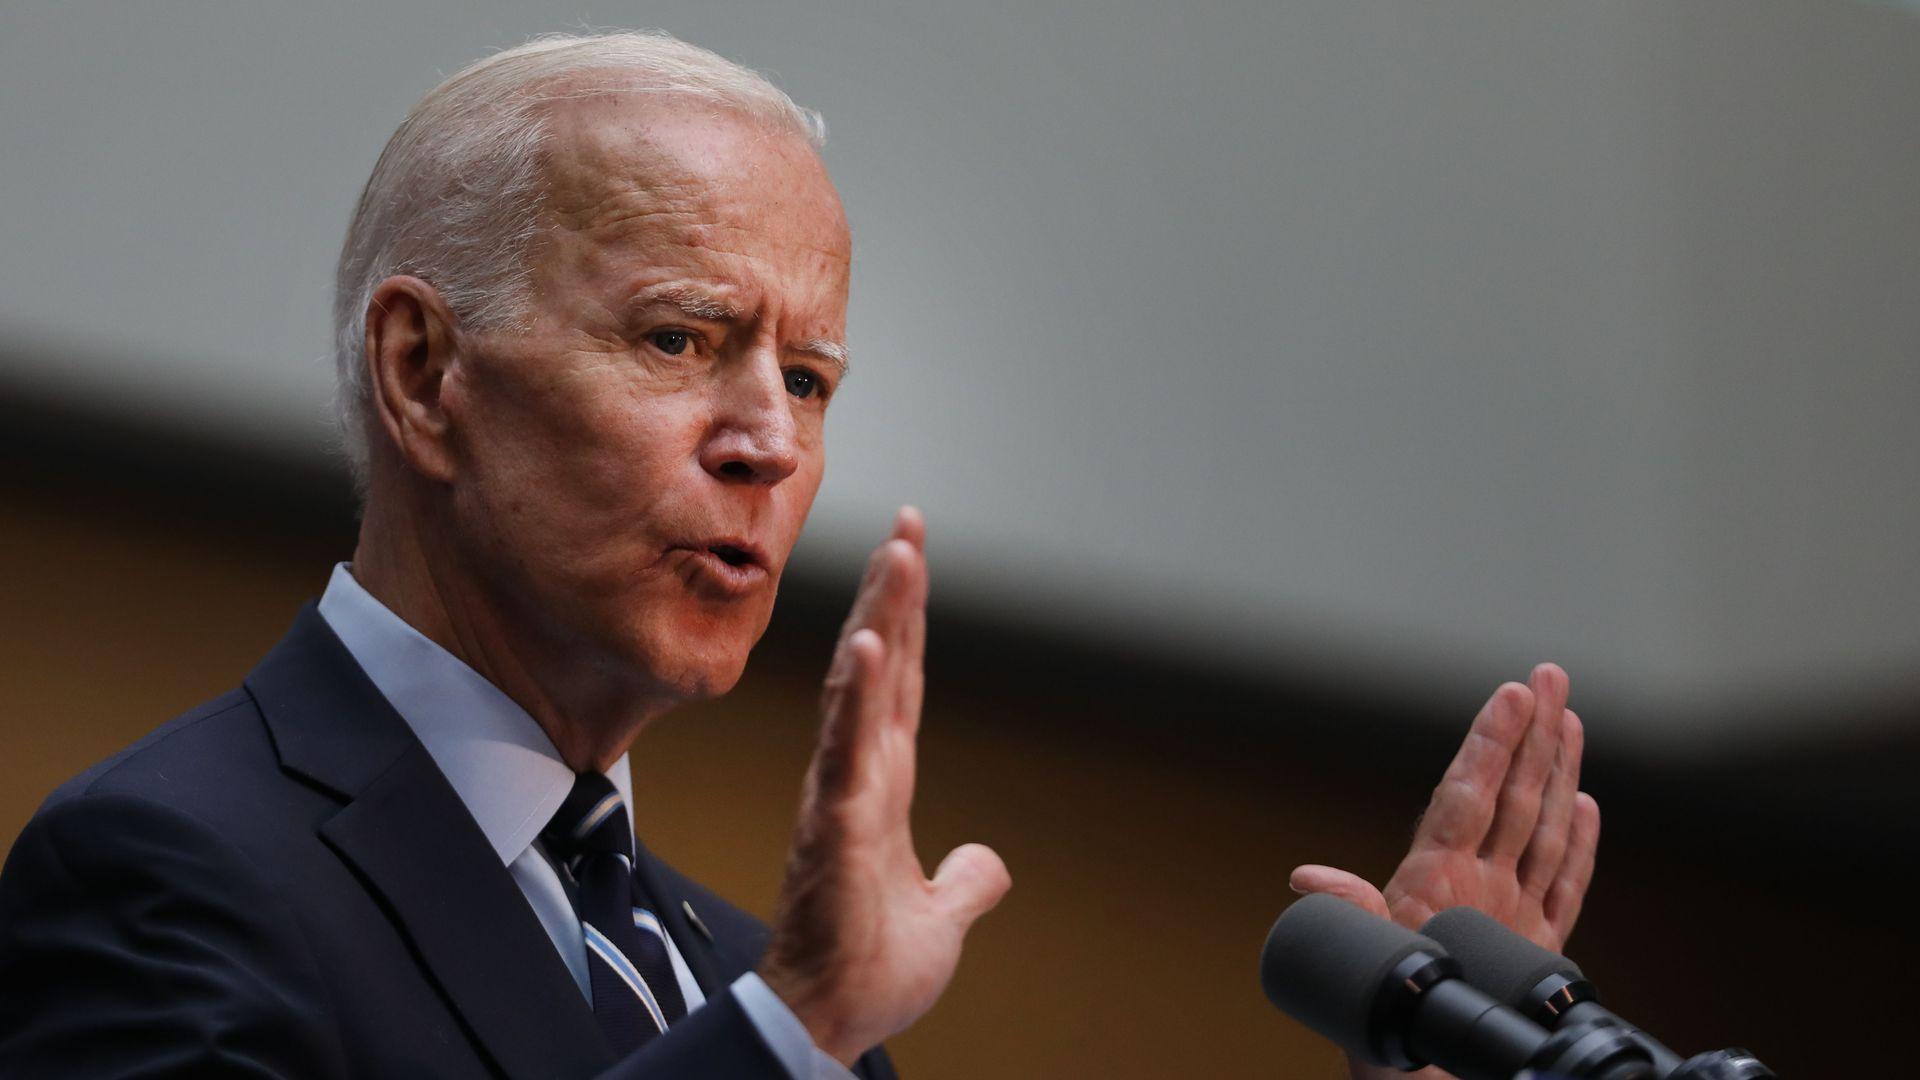 Joe Biden gives a speech